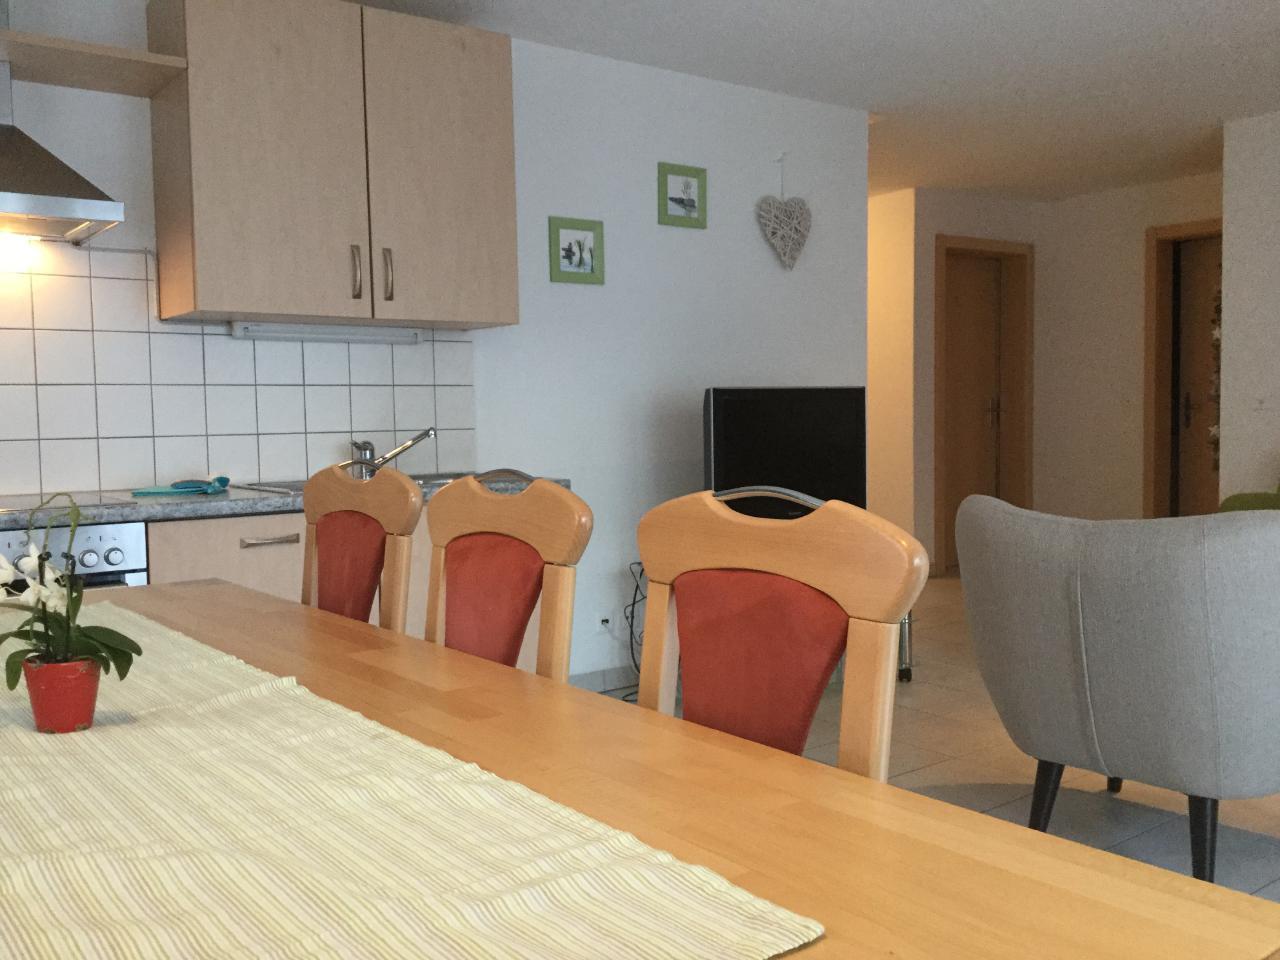 Ferienwohnung für 2 - 5 Personen mit zwei getrennten Schlafzimmern (692149), Saas Almagell, Saastal, Wallis, Schweiz, Bild 7